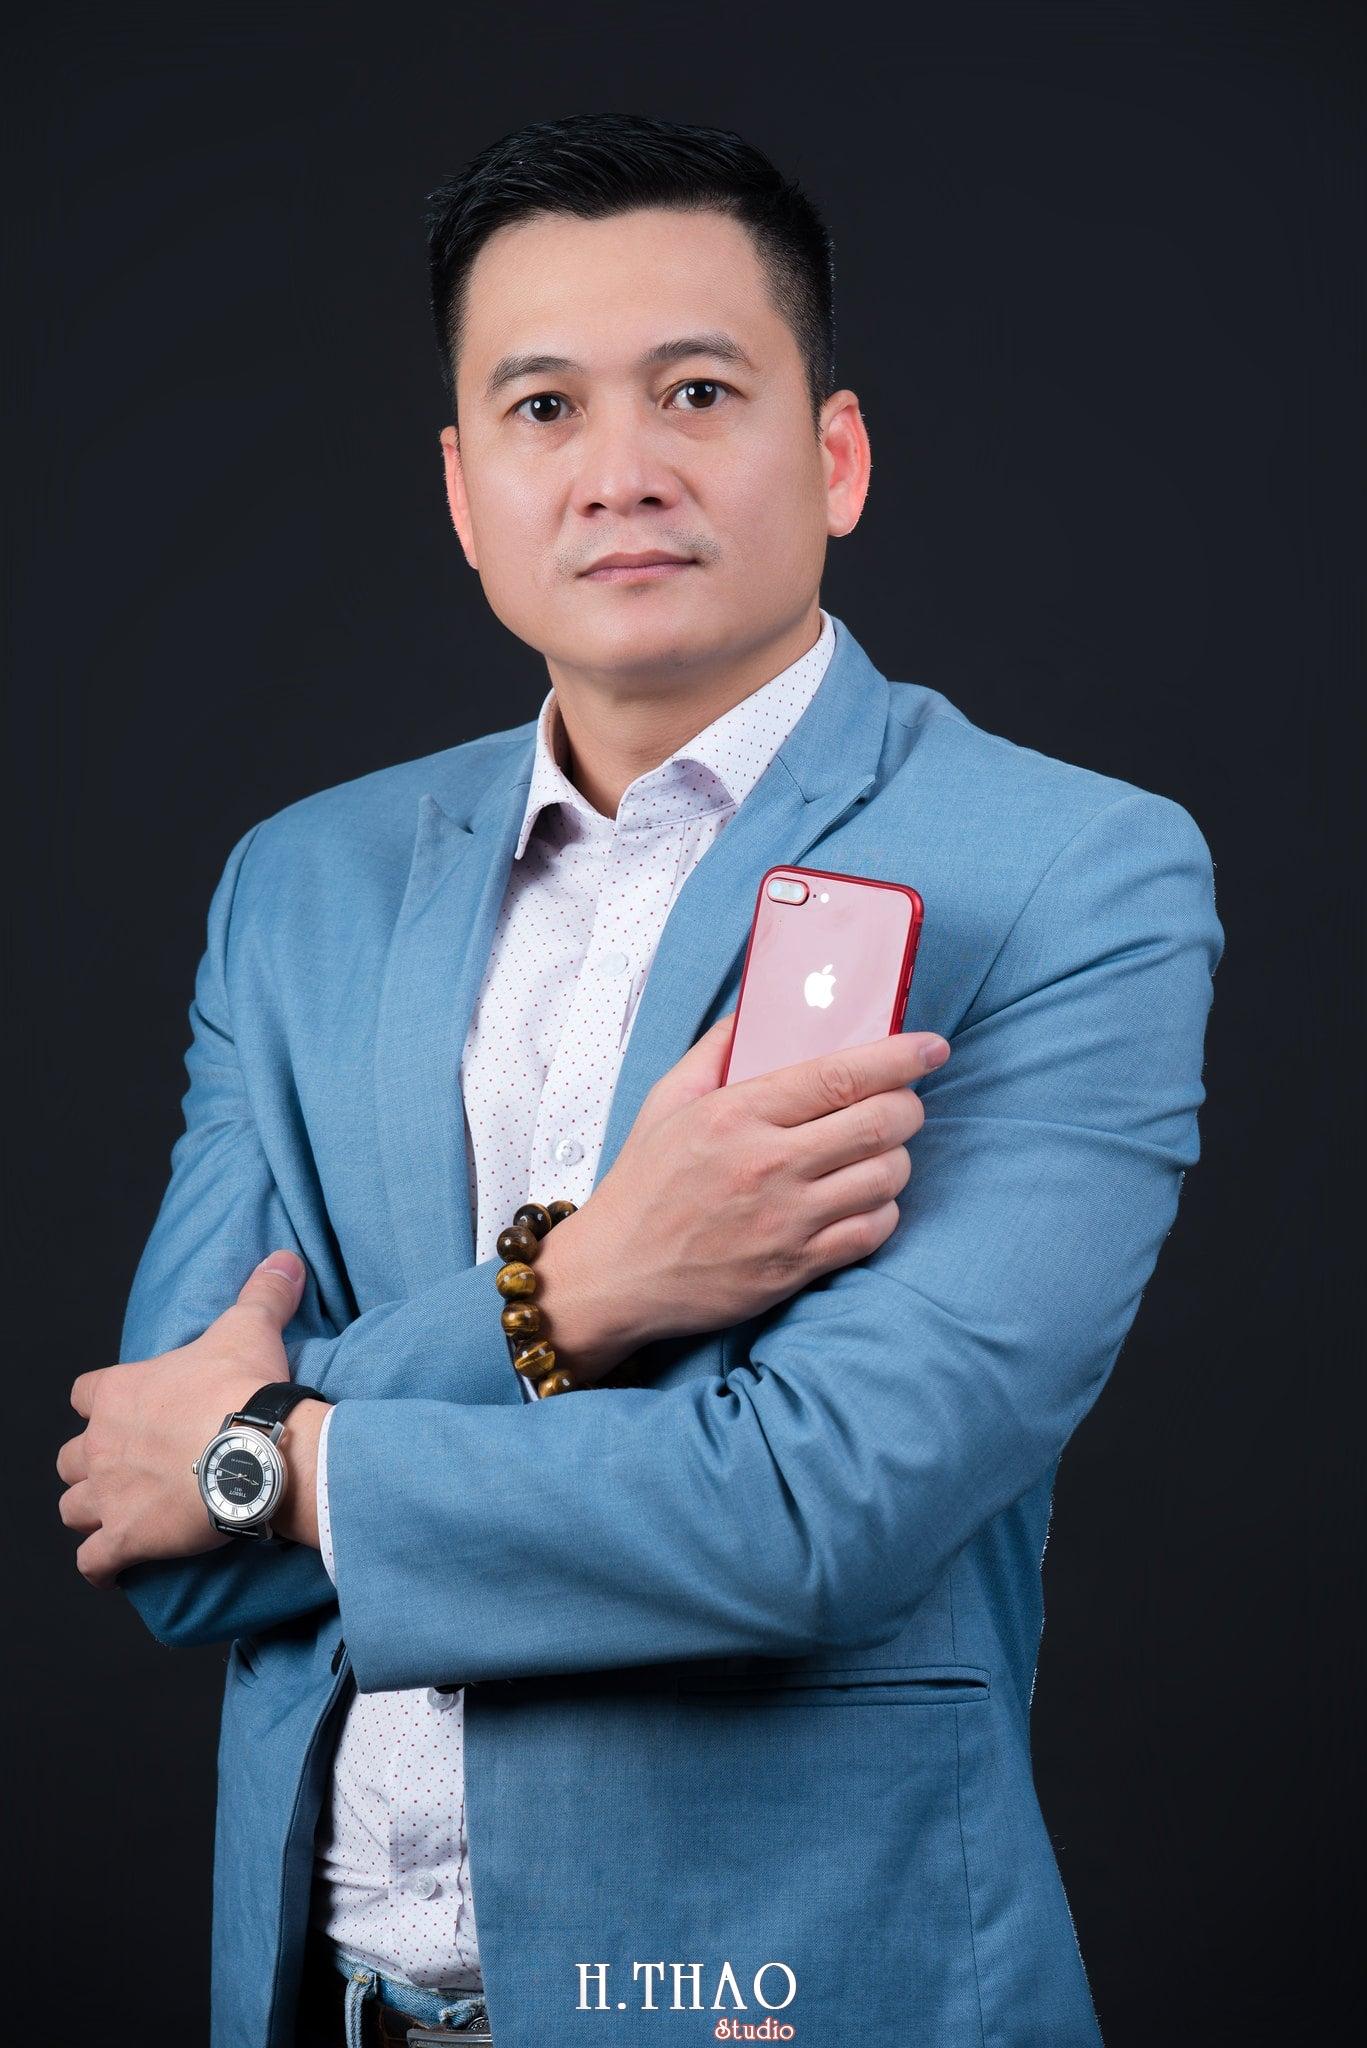 nh phong cách doanh nhân - 35 cách tạo dáng chụp ảnh doanh nhân chuyên nghiệp - HThao Studio